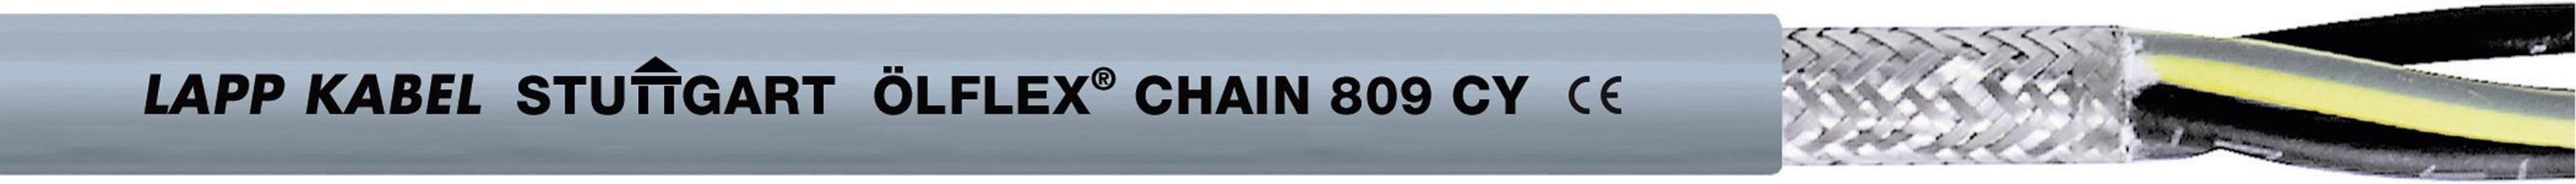 Žíla kabelu LappKabel ÖLFLEX CHAIN 809 CY 7G1,0 (1026771), 7x 1 mm², PVC, Ø 9,8 mm, stíněný, 1 m, šedá